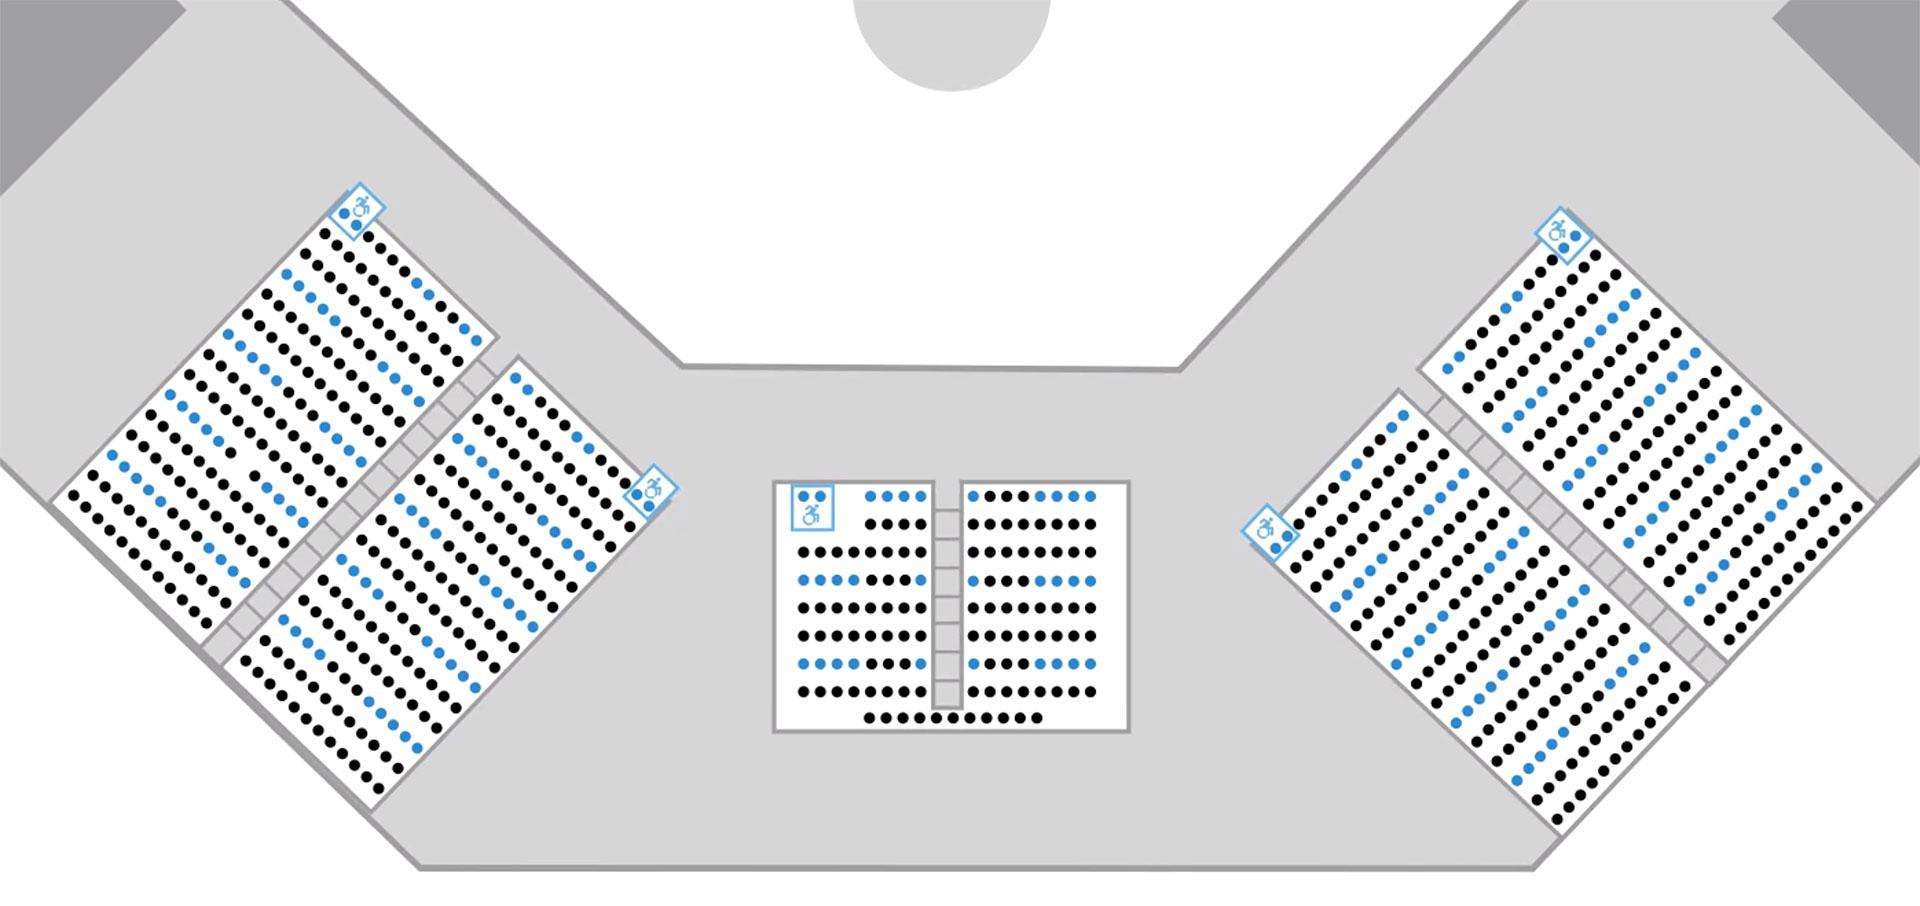 2021 Ballpark seating - bleachers view